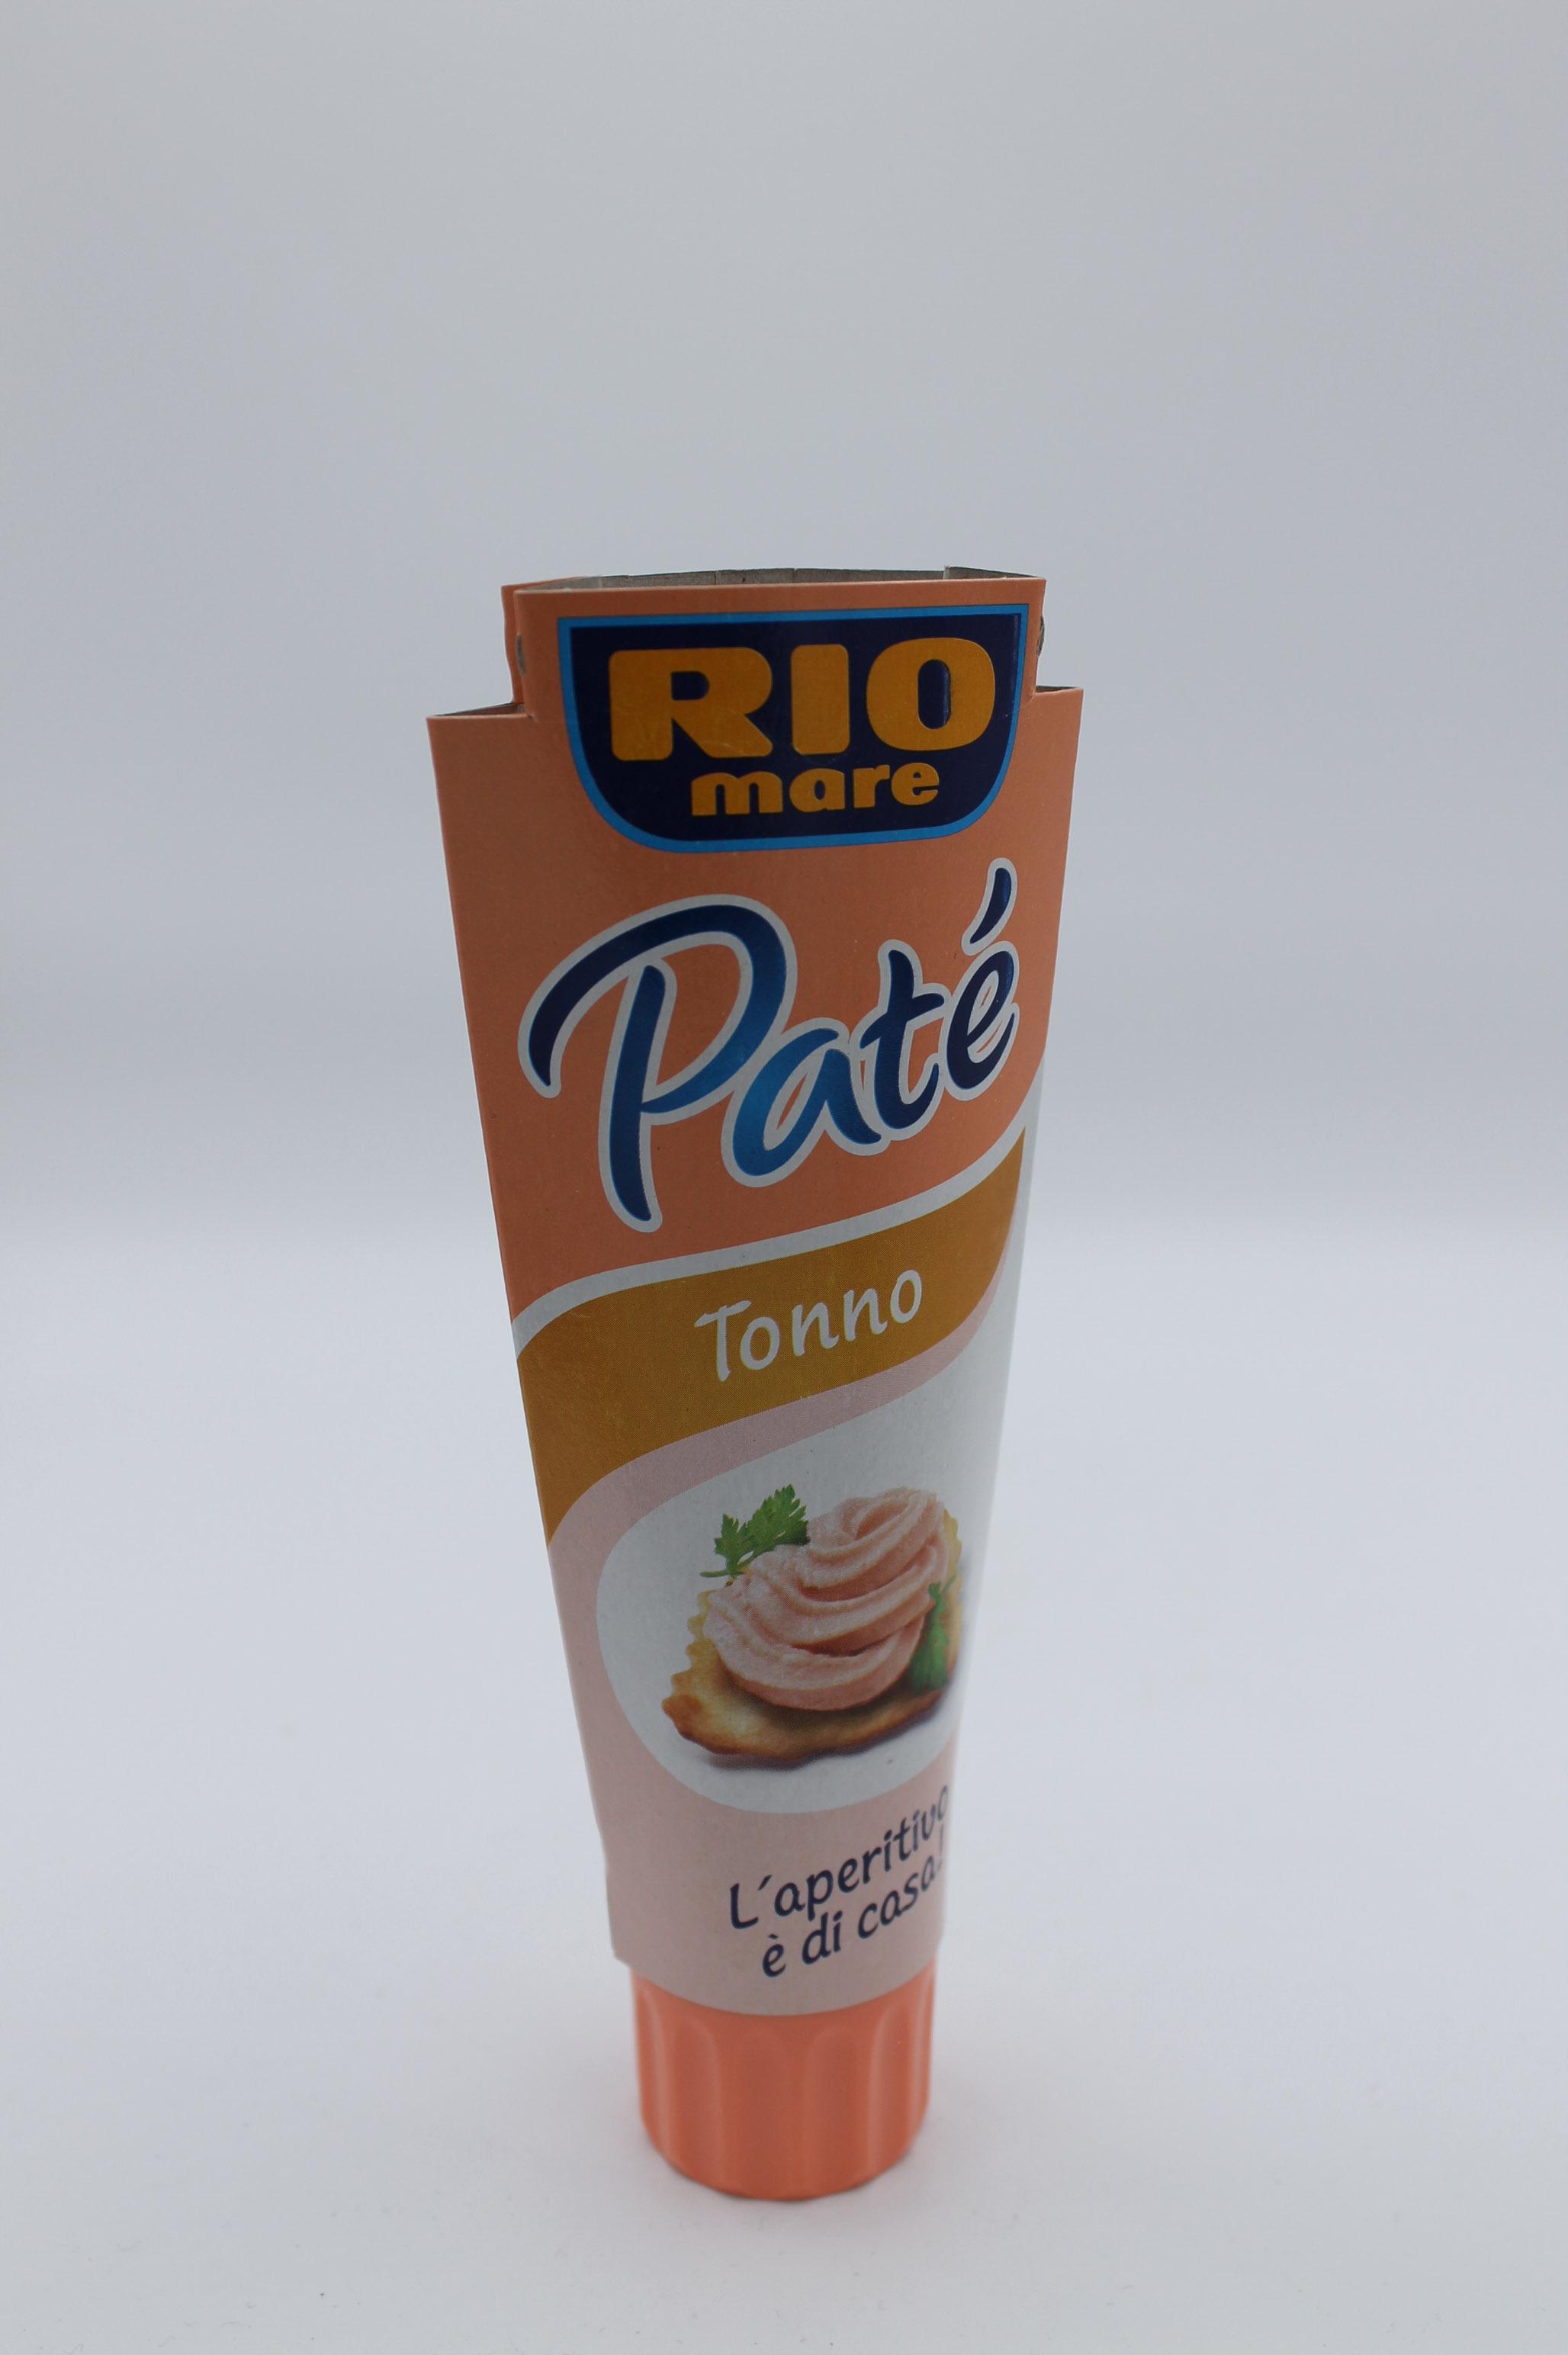 Rio mare patè tonno 100 gr.